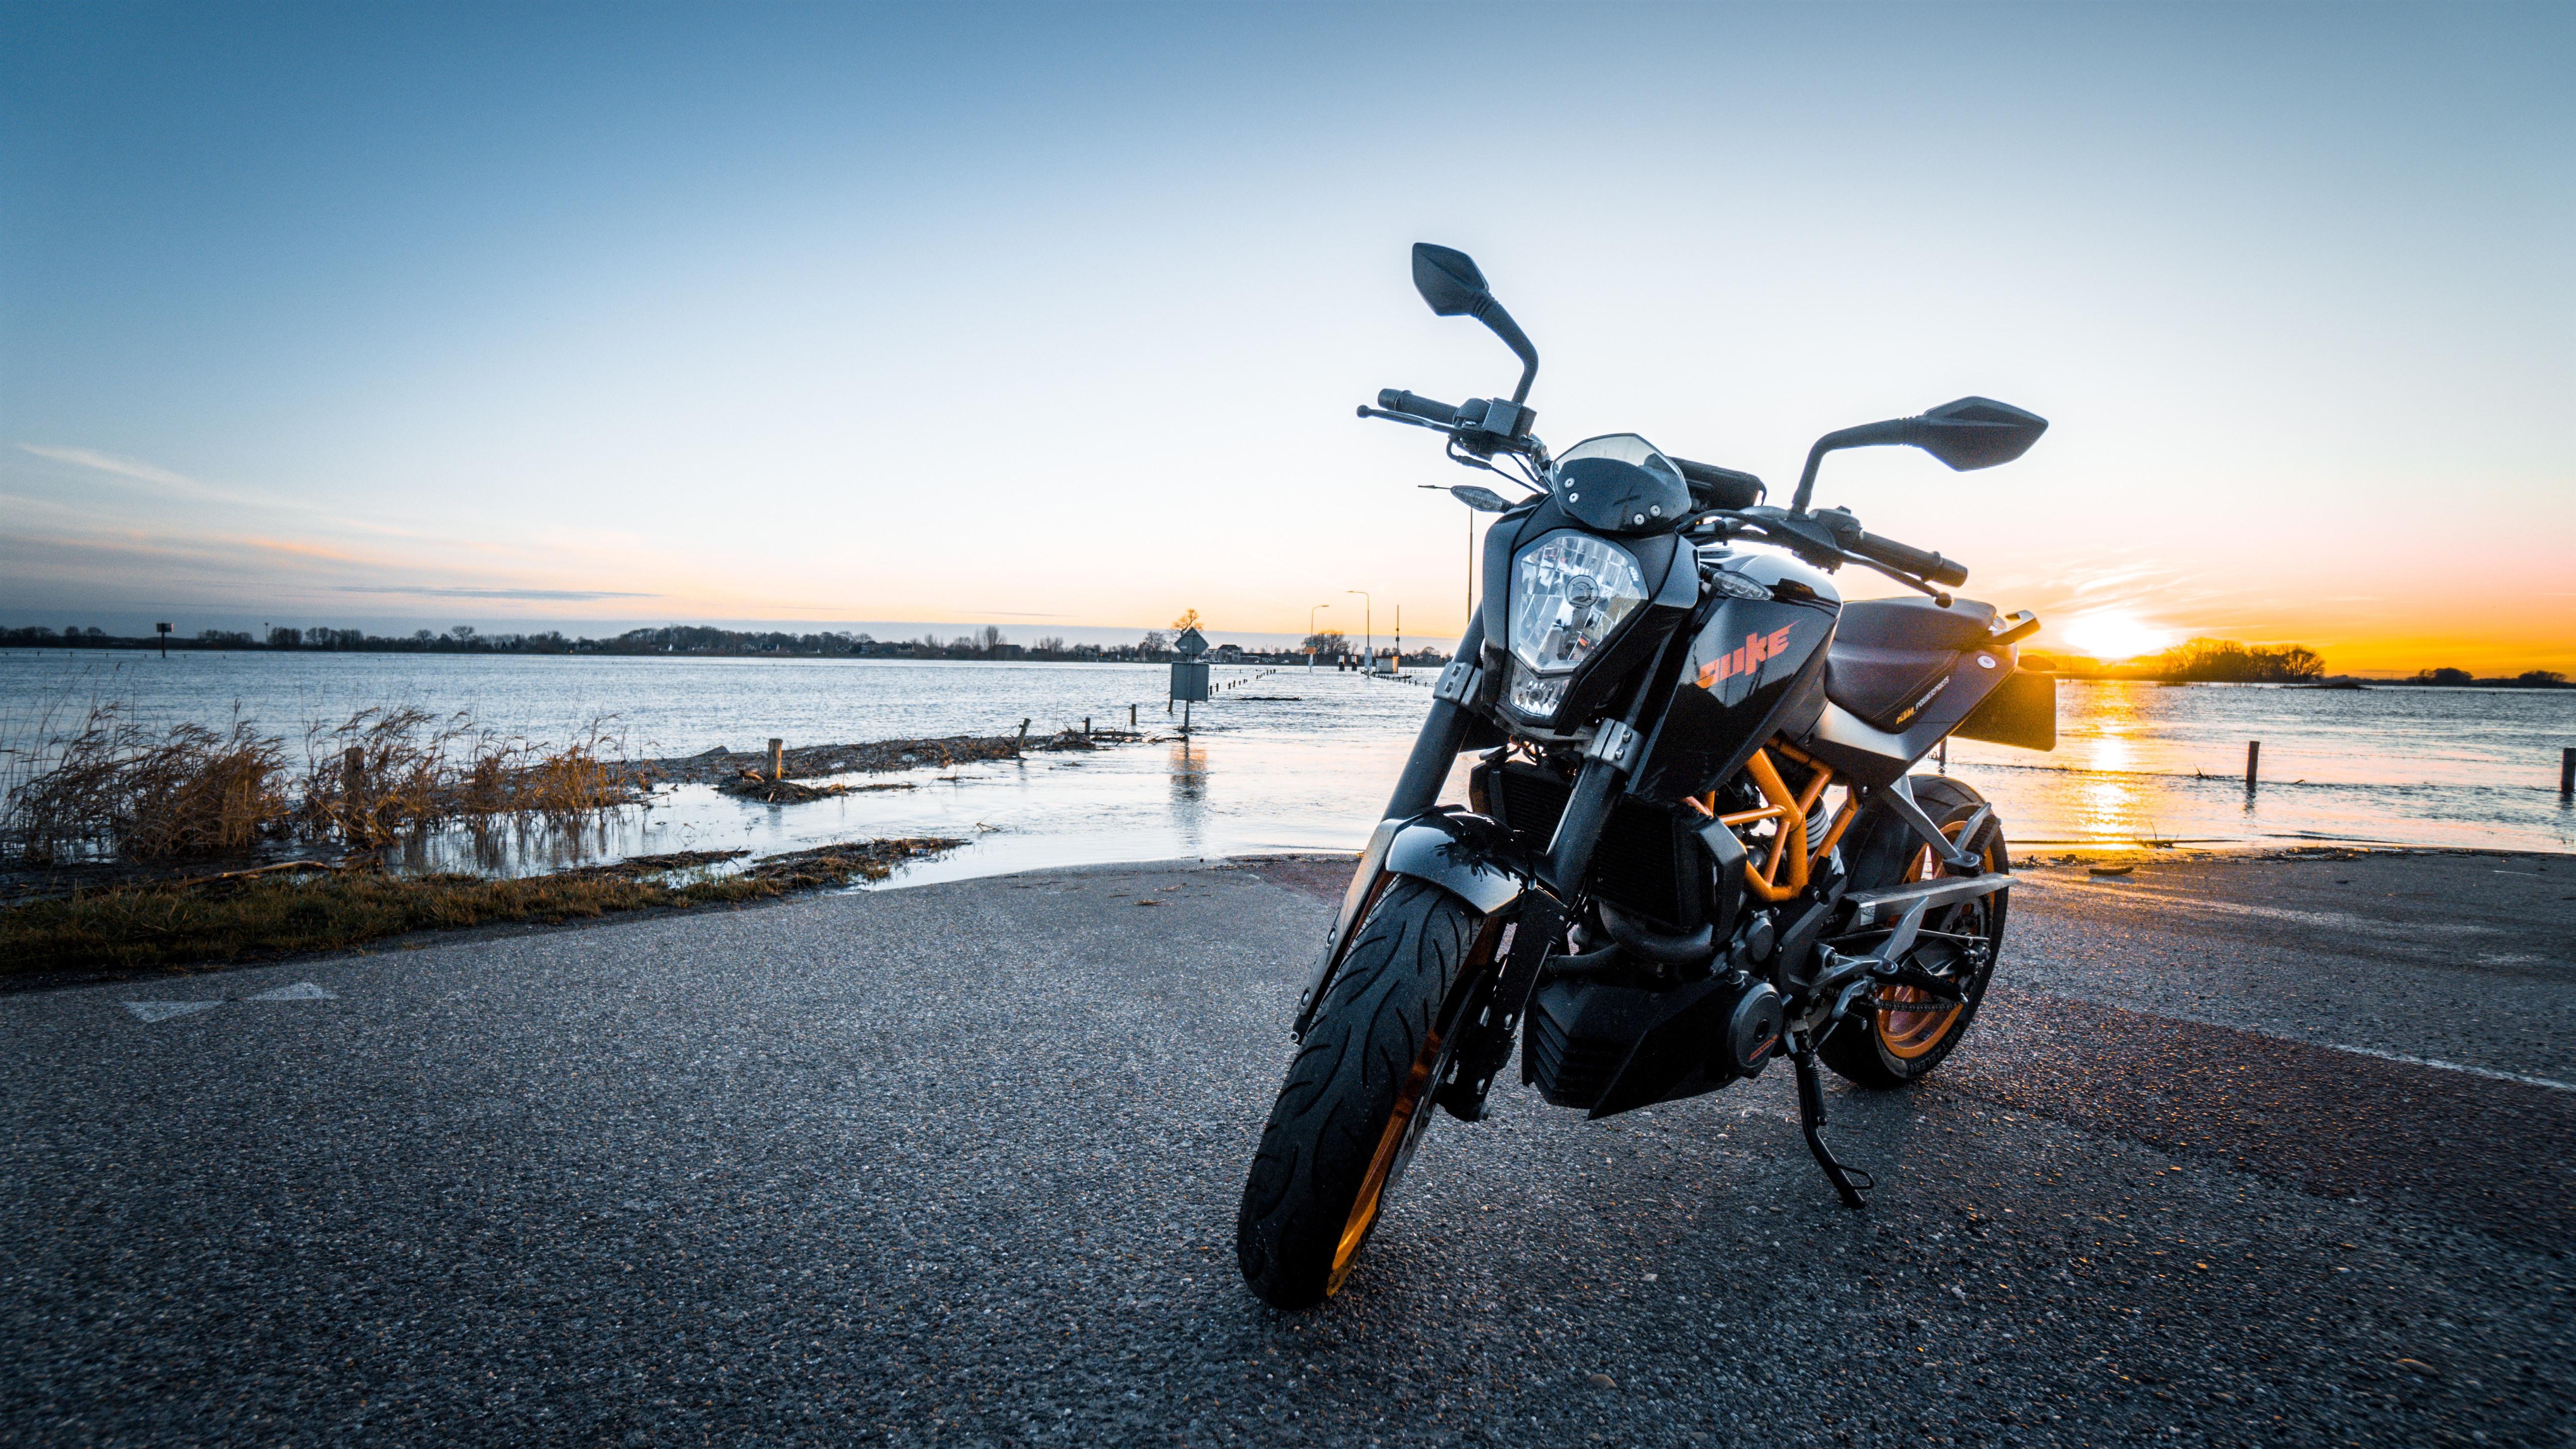 Fonds D écran Ktm Moto Vue De Face Rivière 5120x2880 Uhd